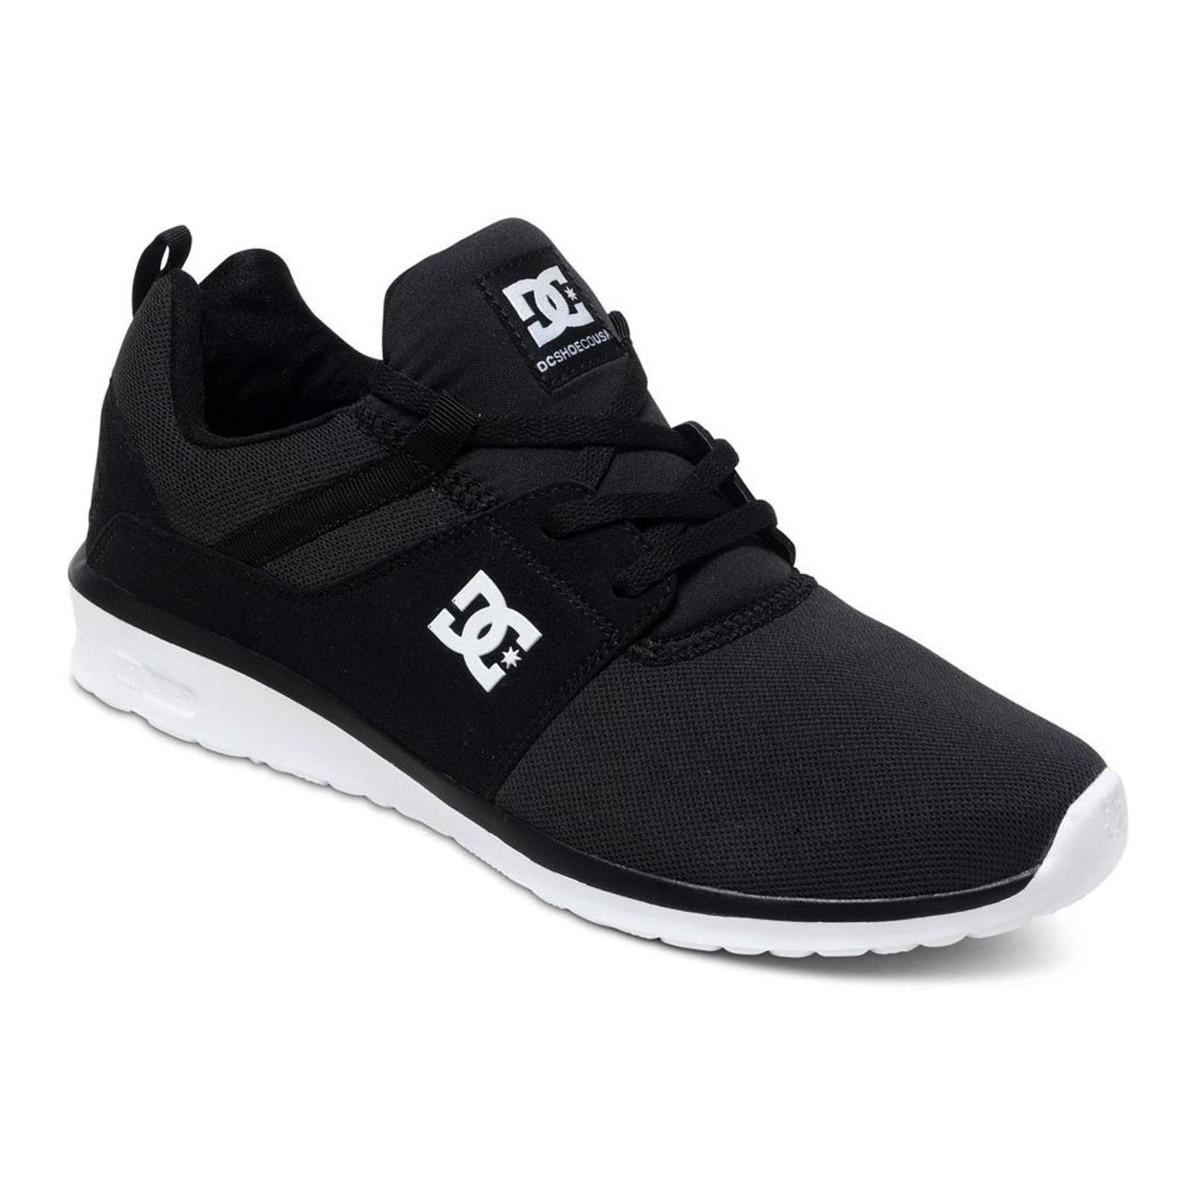 DC Schuhe Heathrow Schwarz/Weiß